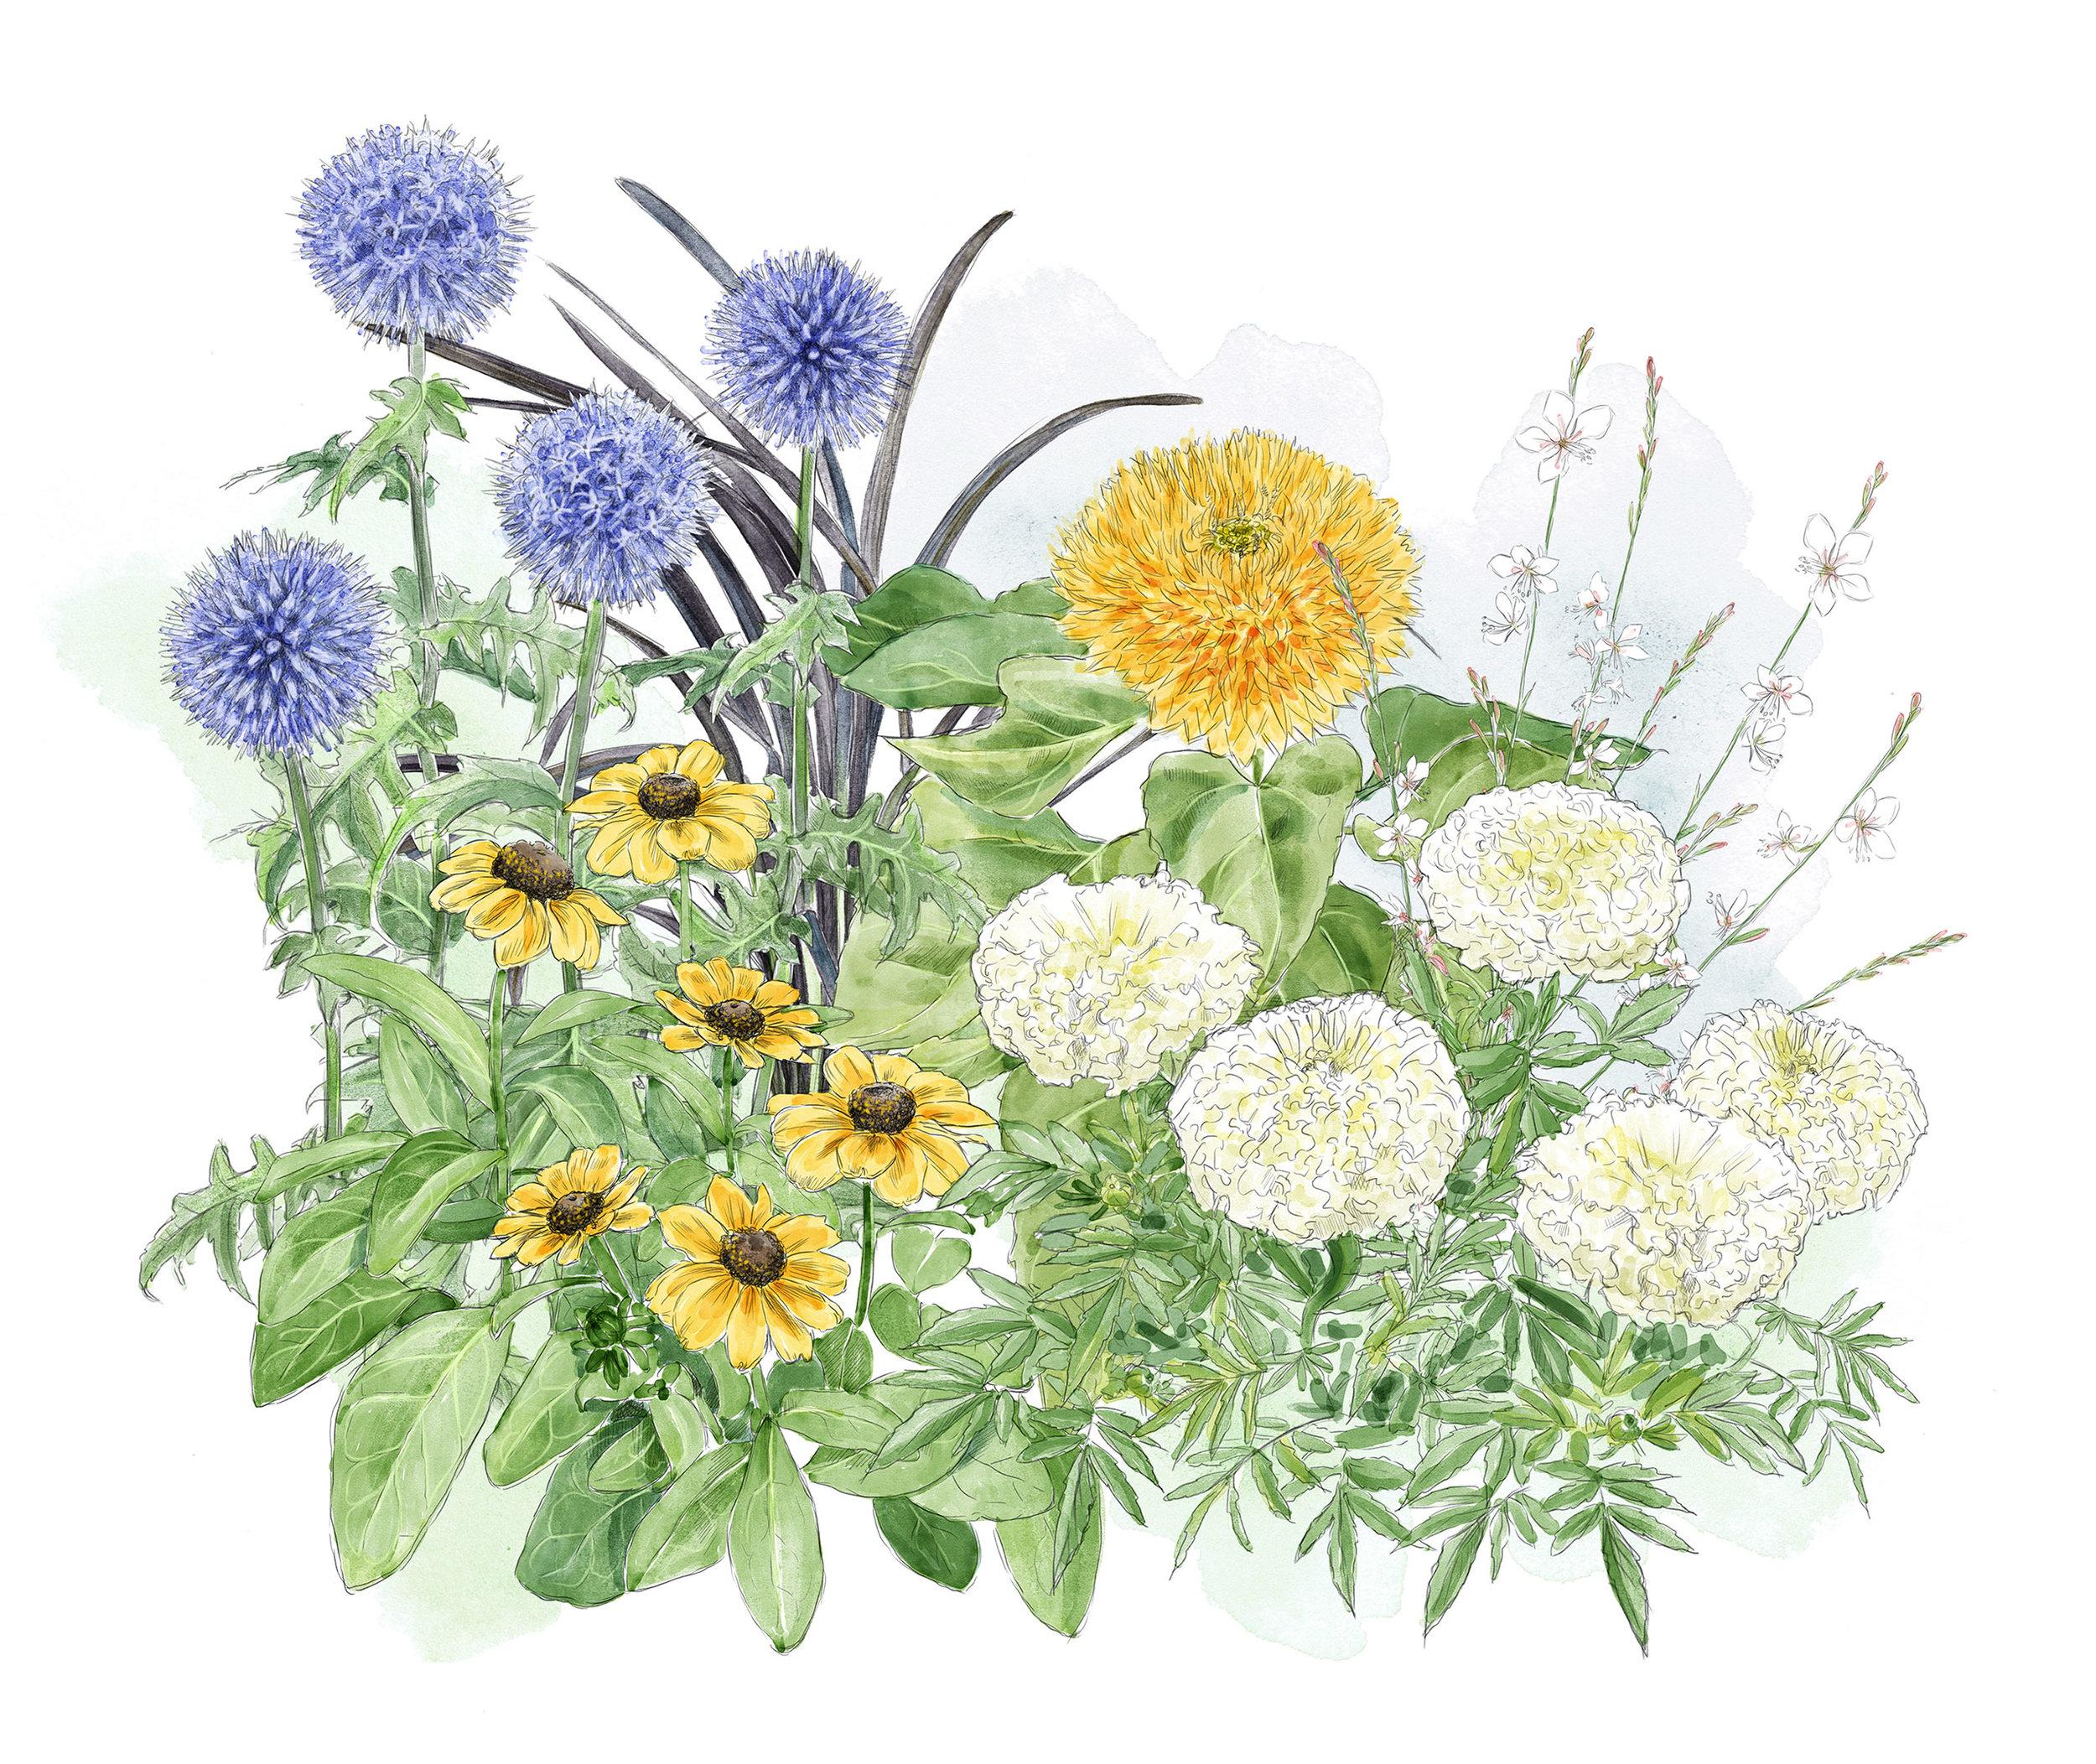 2.Blommor.jpg